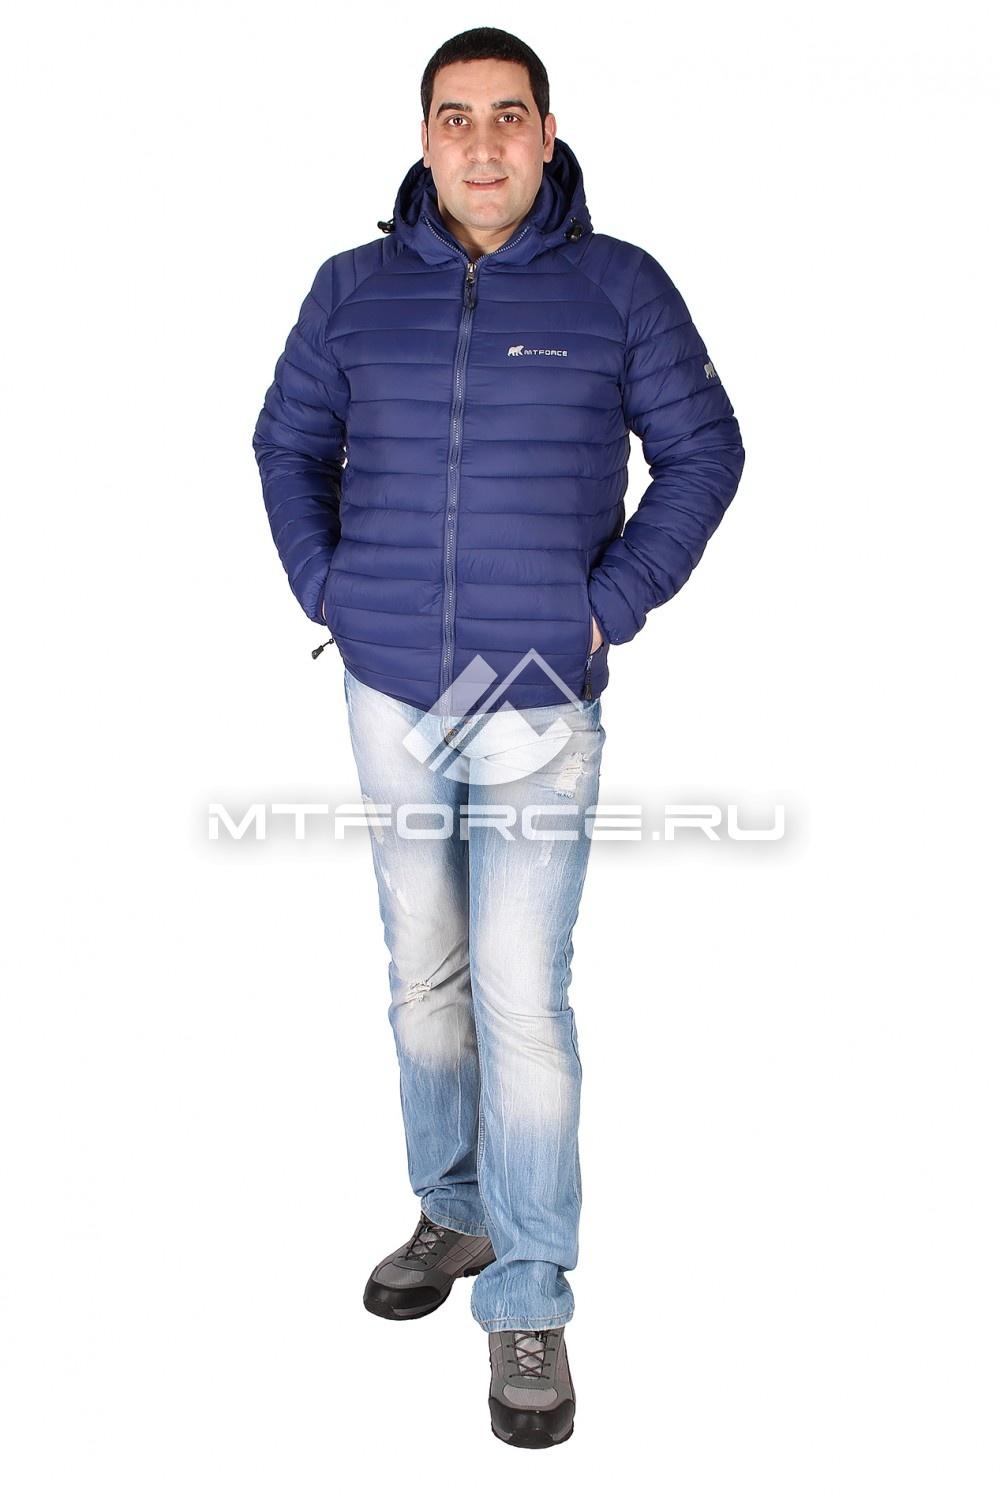 Купить                                  оптом Куртка мужская стеганная темно-синего цвета 1607TS